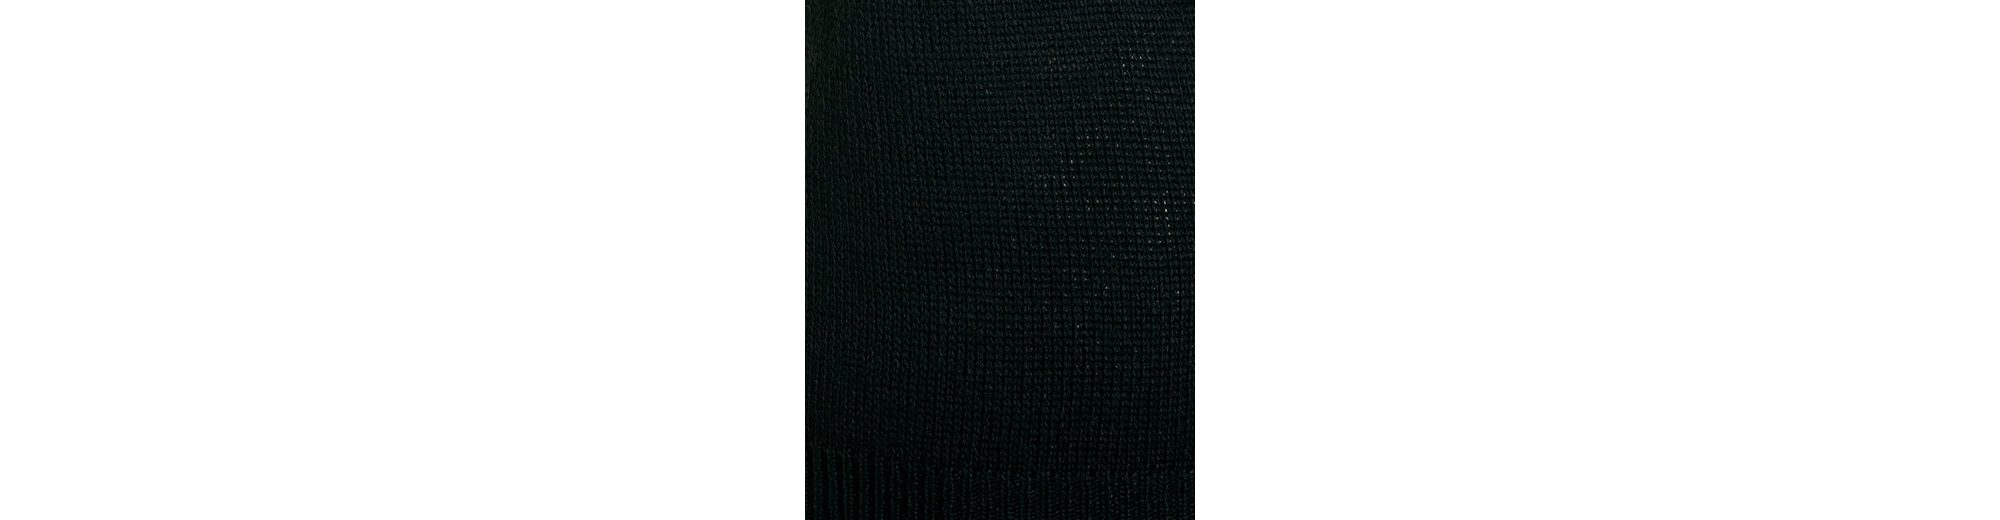 Billig Verkauf Am Besten RICK CARDONA by Heine V-Pullover mit seitlichen Schlitzen Beliebte Online-Verkauf Schnelle Lieferung Verkauf Online Extrem Verkauf Online Rhl2cId